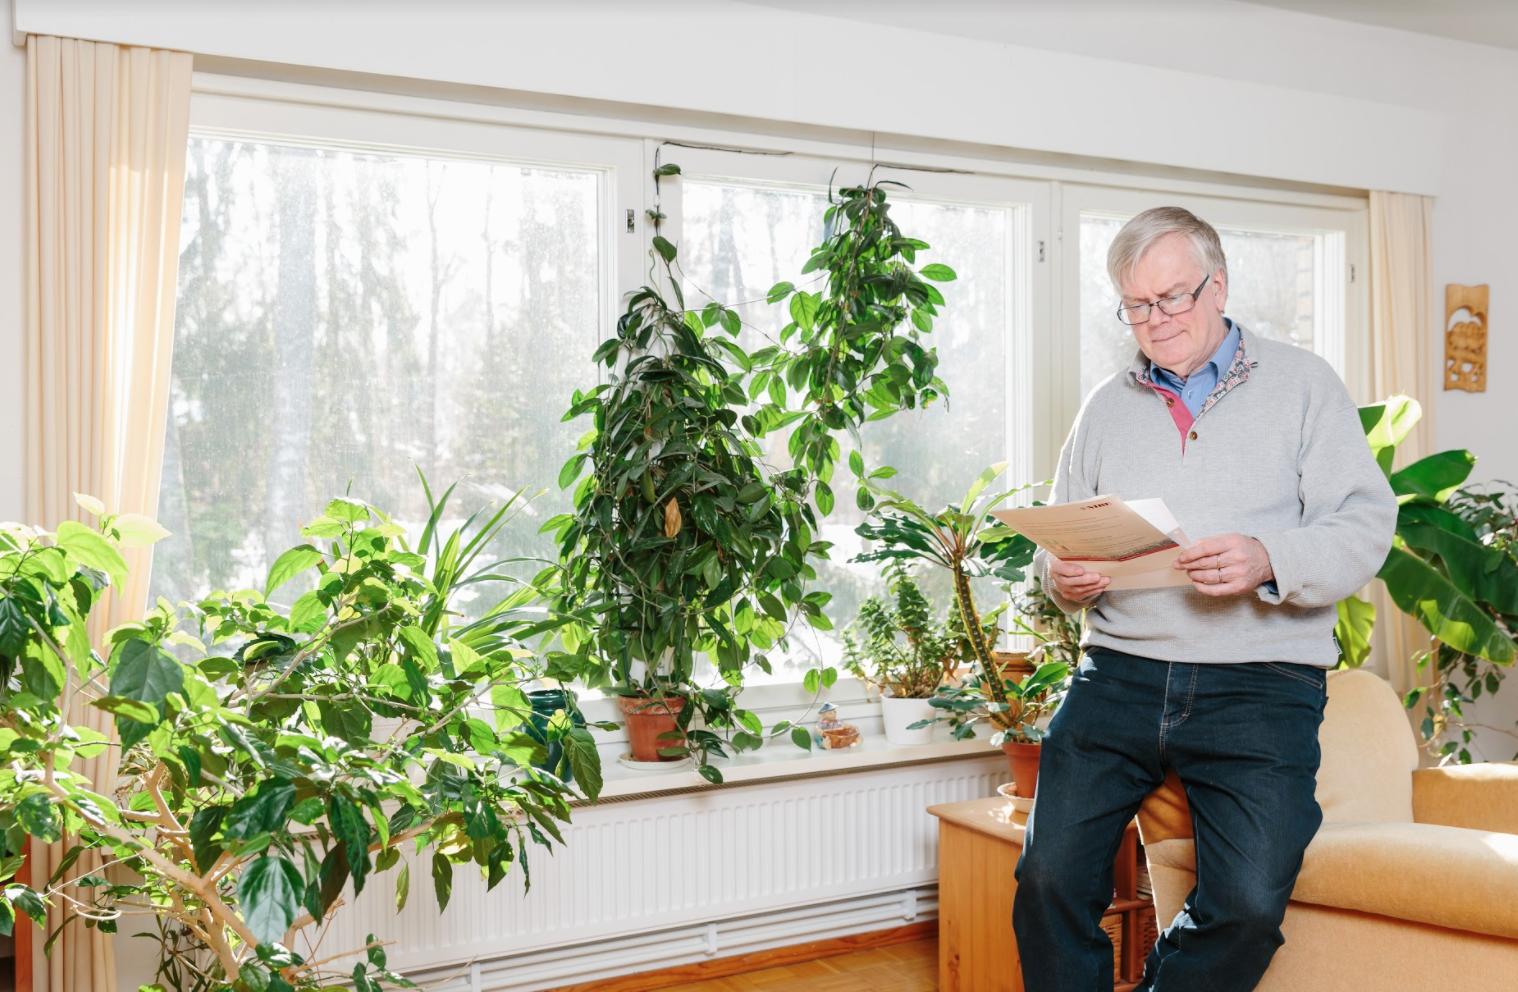 Peitola, Suomen Vesitekniikka kokemuksia